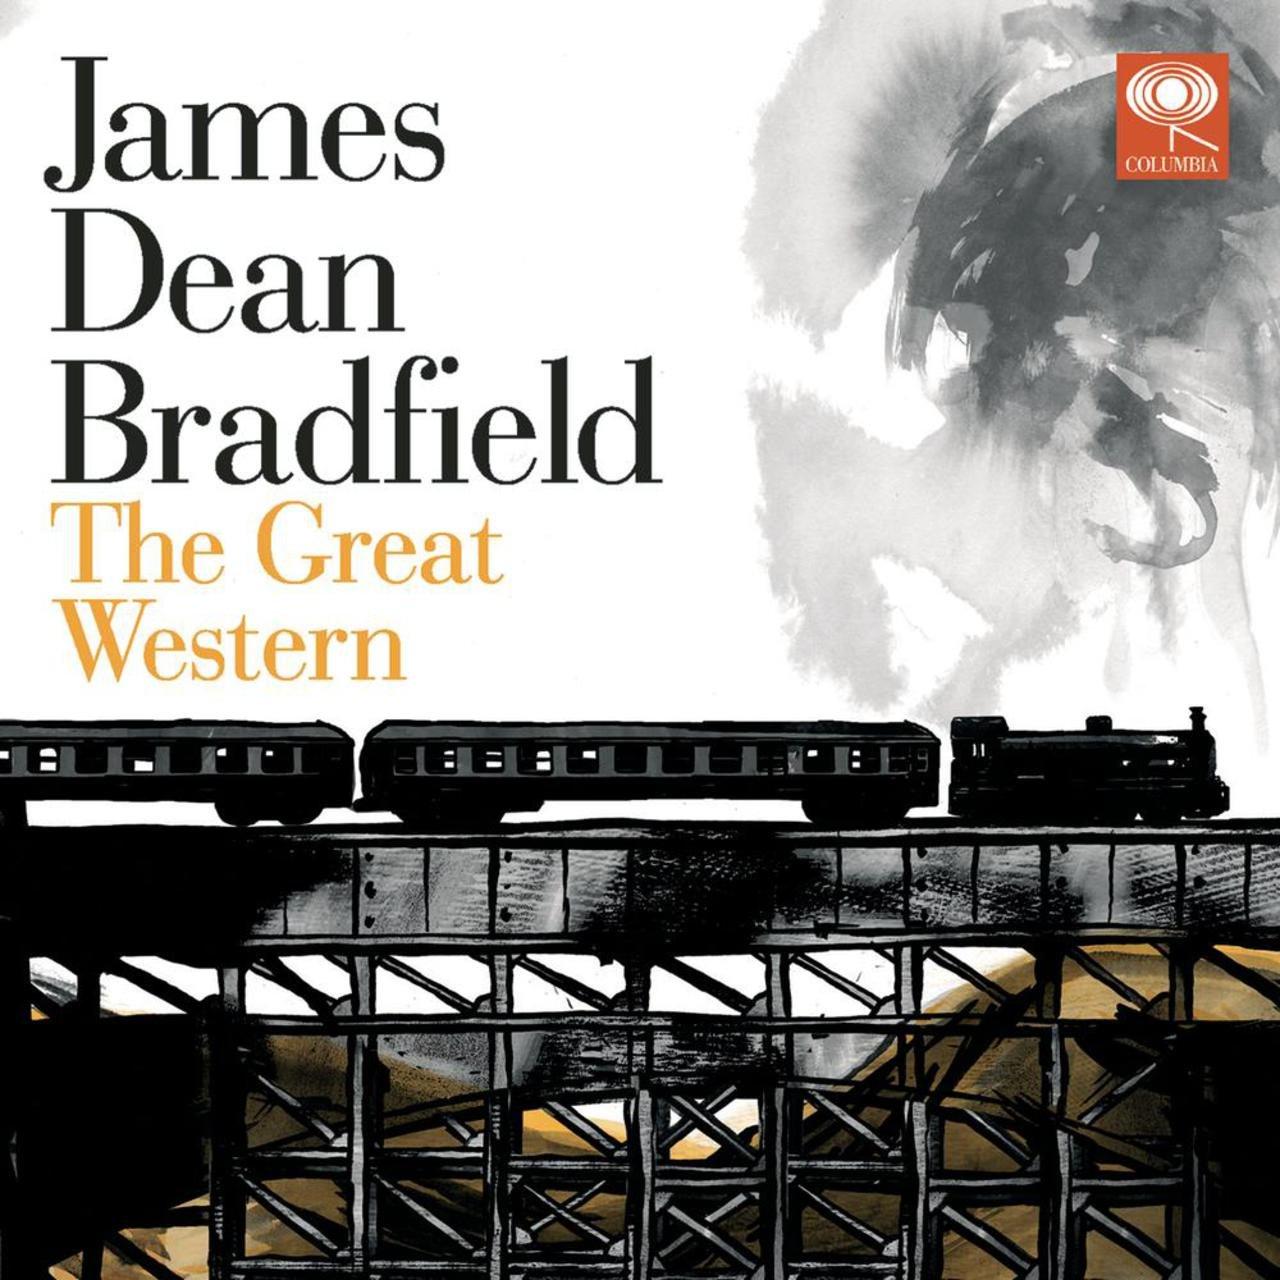 Bradfield_James_Dean_The_Great_Western.jpg